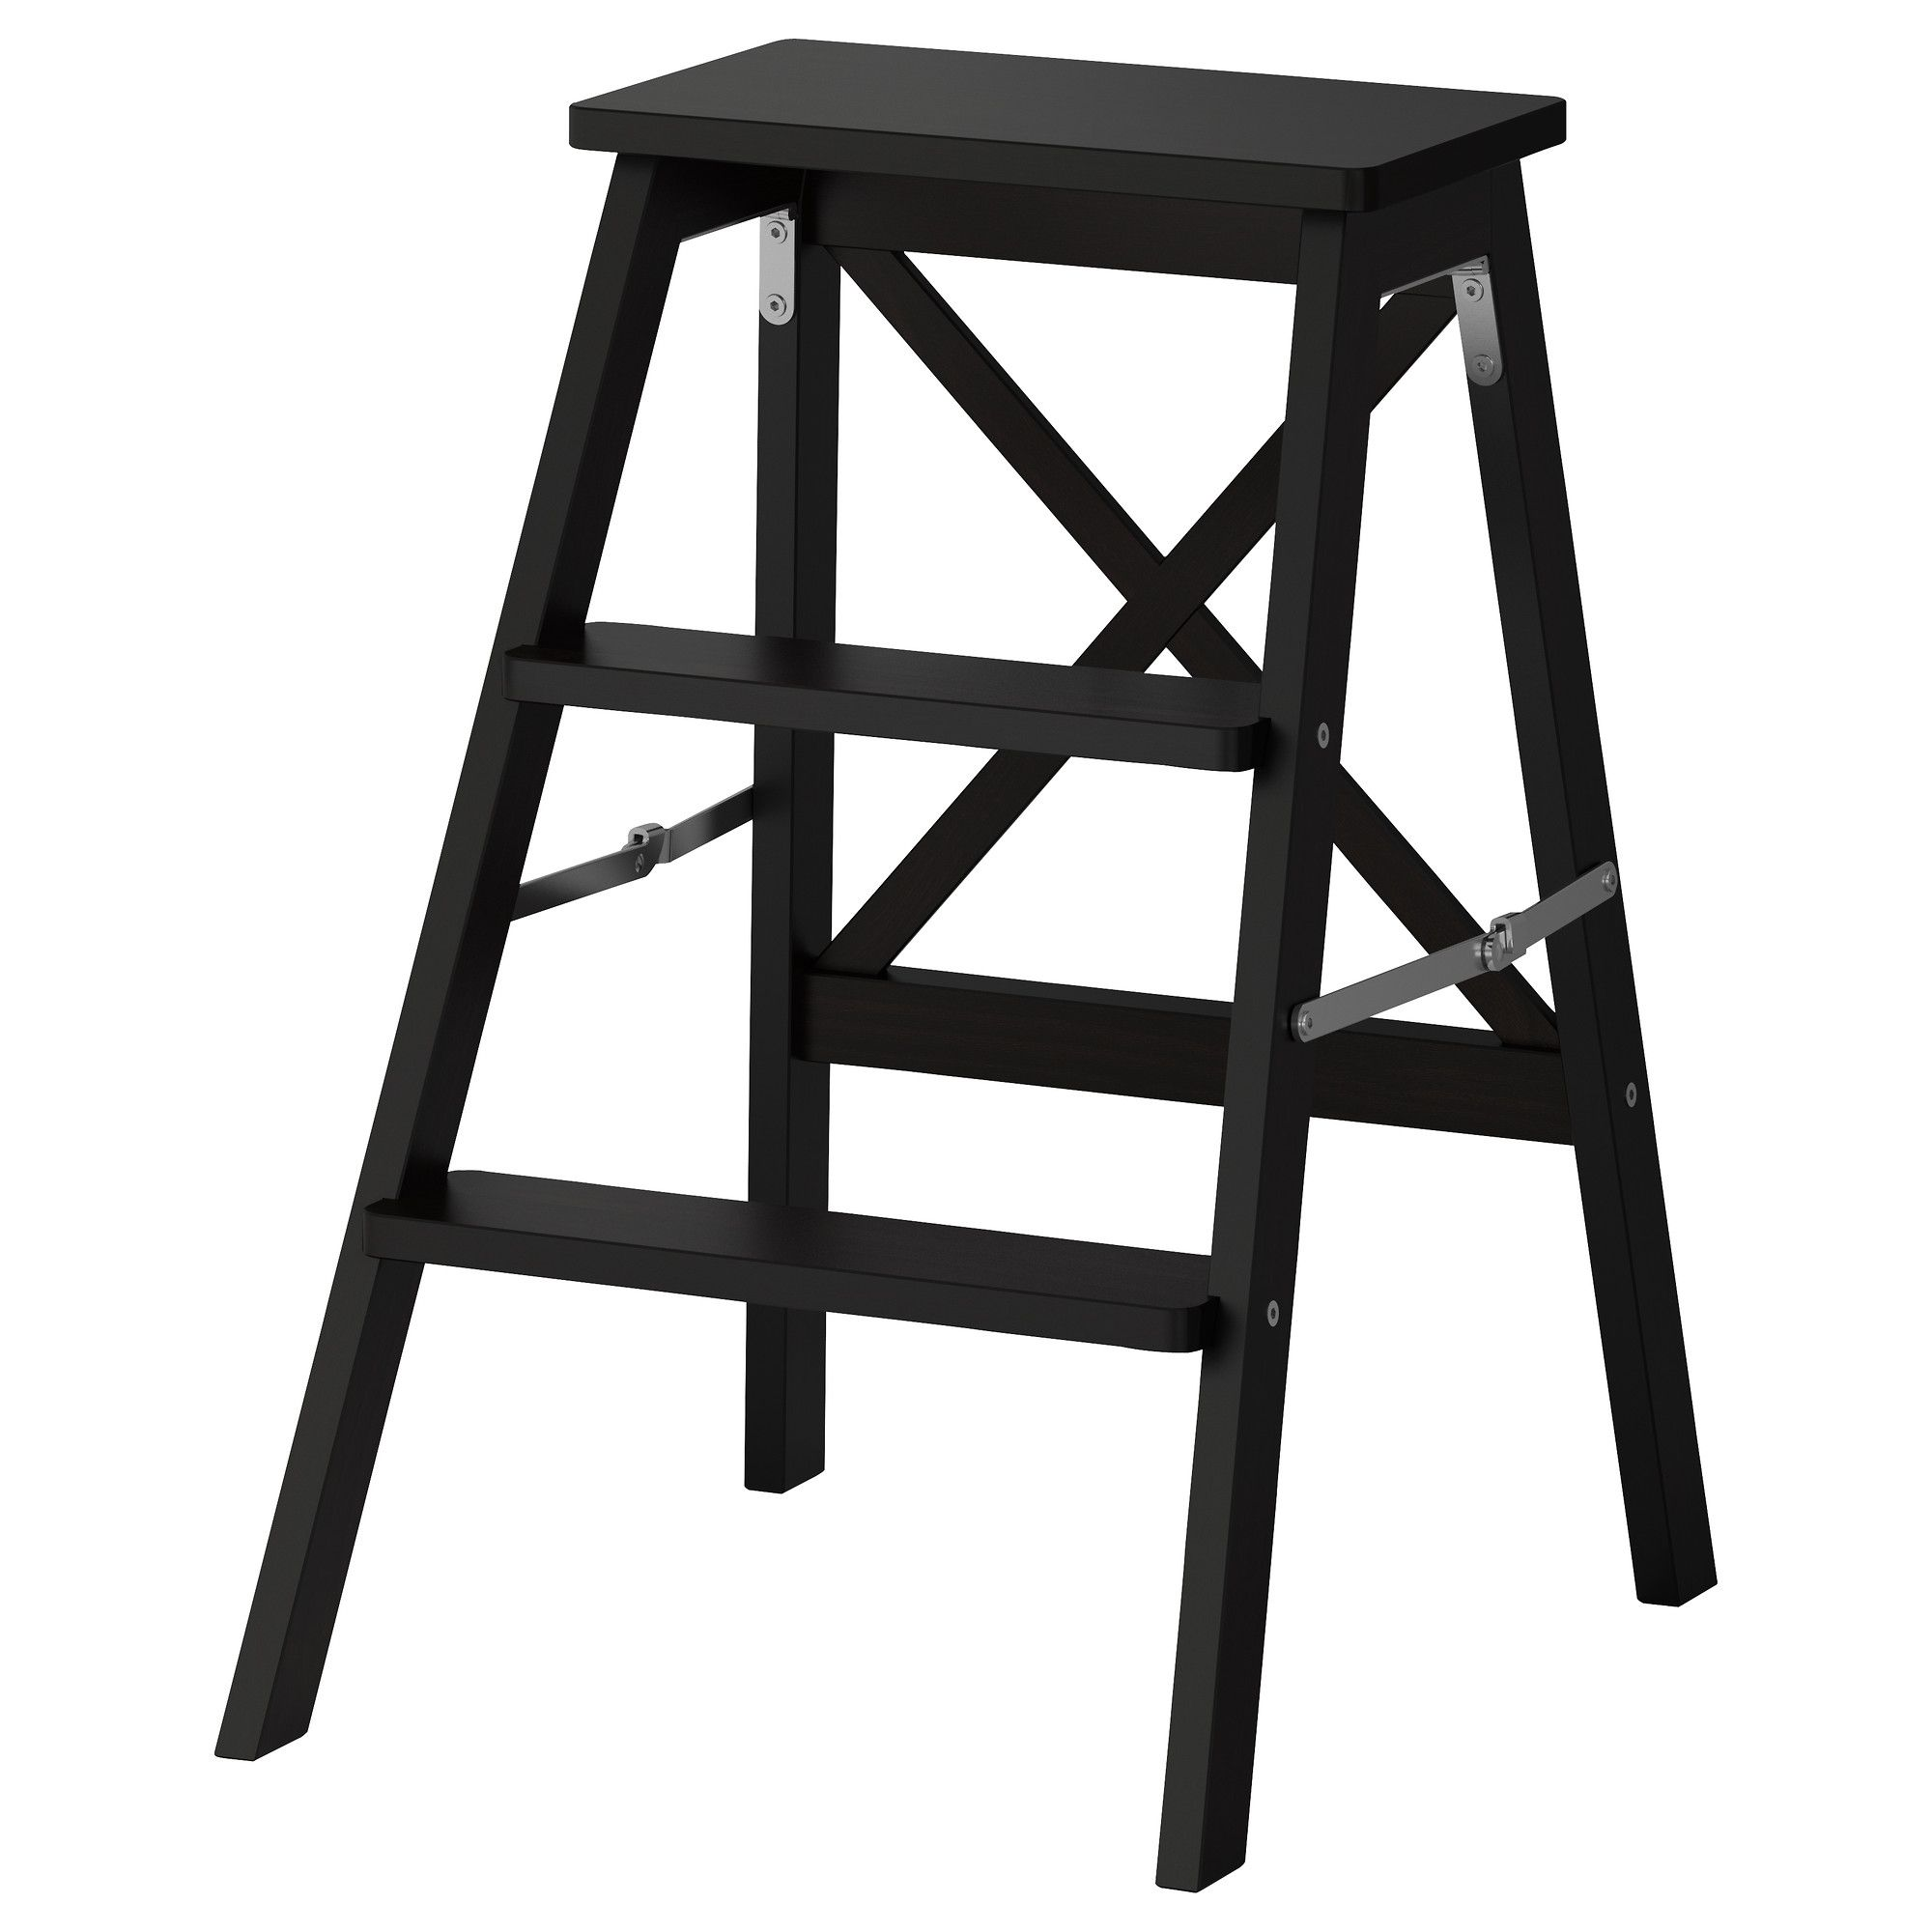 Ikea Us Furniture And Home Furnishings Step Ladders Step